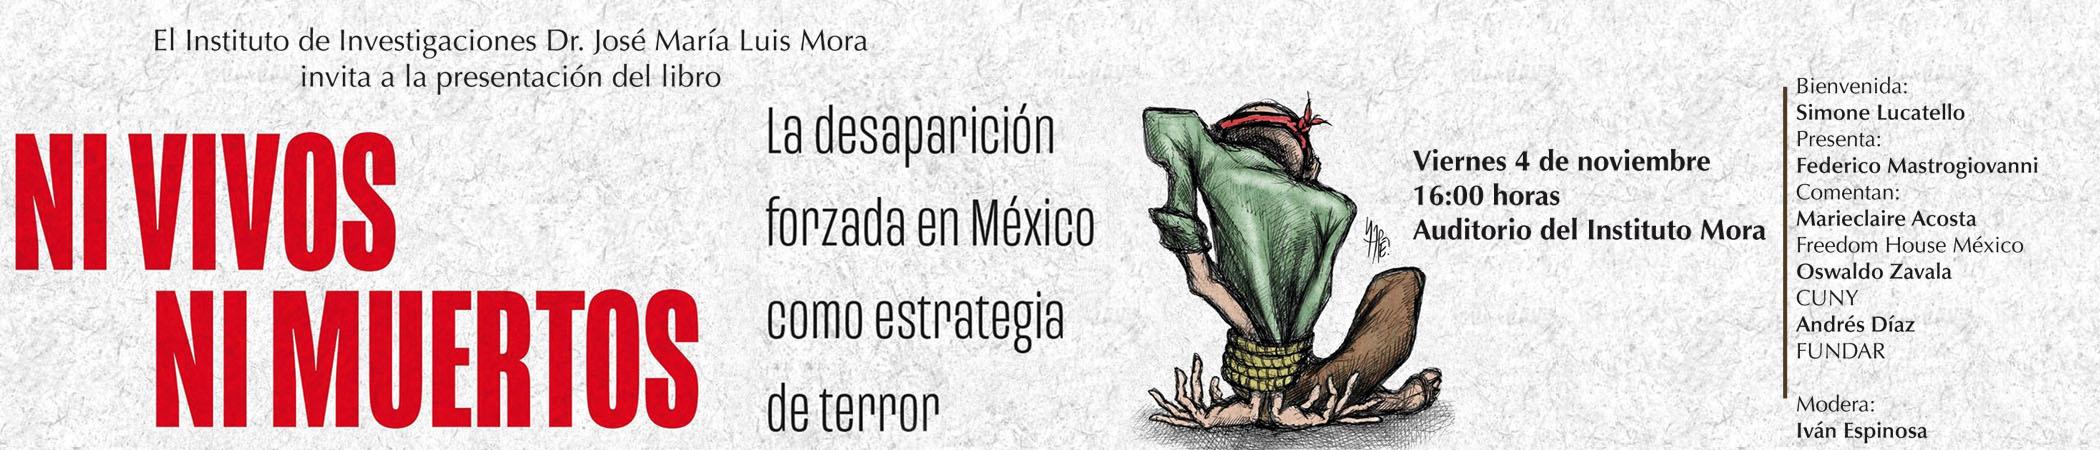 Presentación del libro Ni vivos ni muertos. La desaparición forzada en México como estrategia de terror